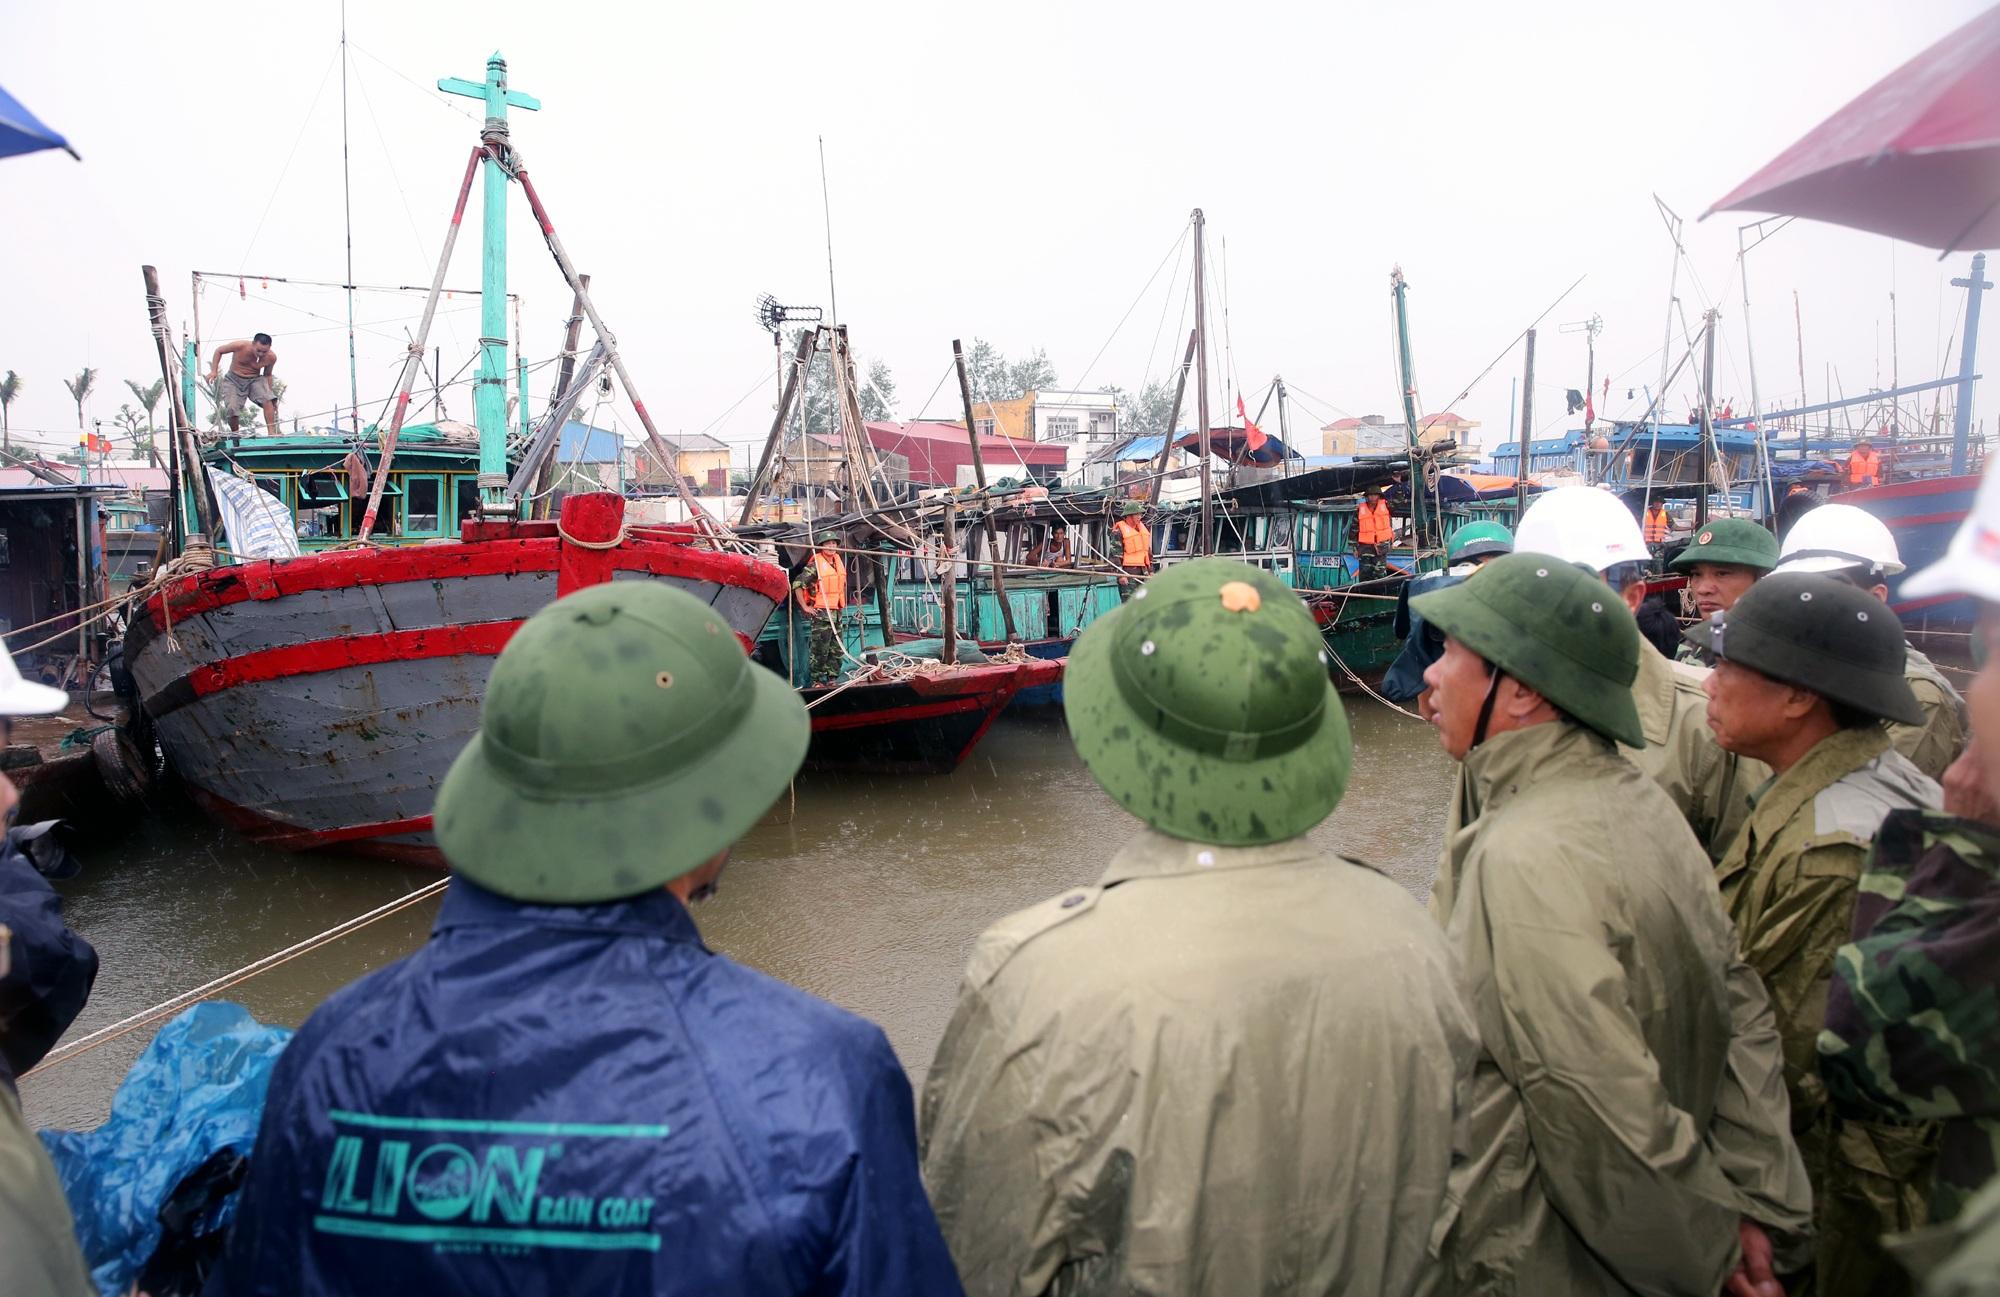 Phó Thủ tướng Vương Đình Huệ chỉ đạo nhiệm vụ số 1 là đảm bảo tính mạng của người dân, hạn chế tối đa thiệt hại về tài sản do bão gây ra